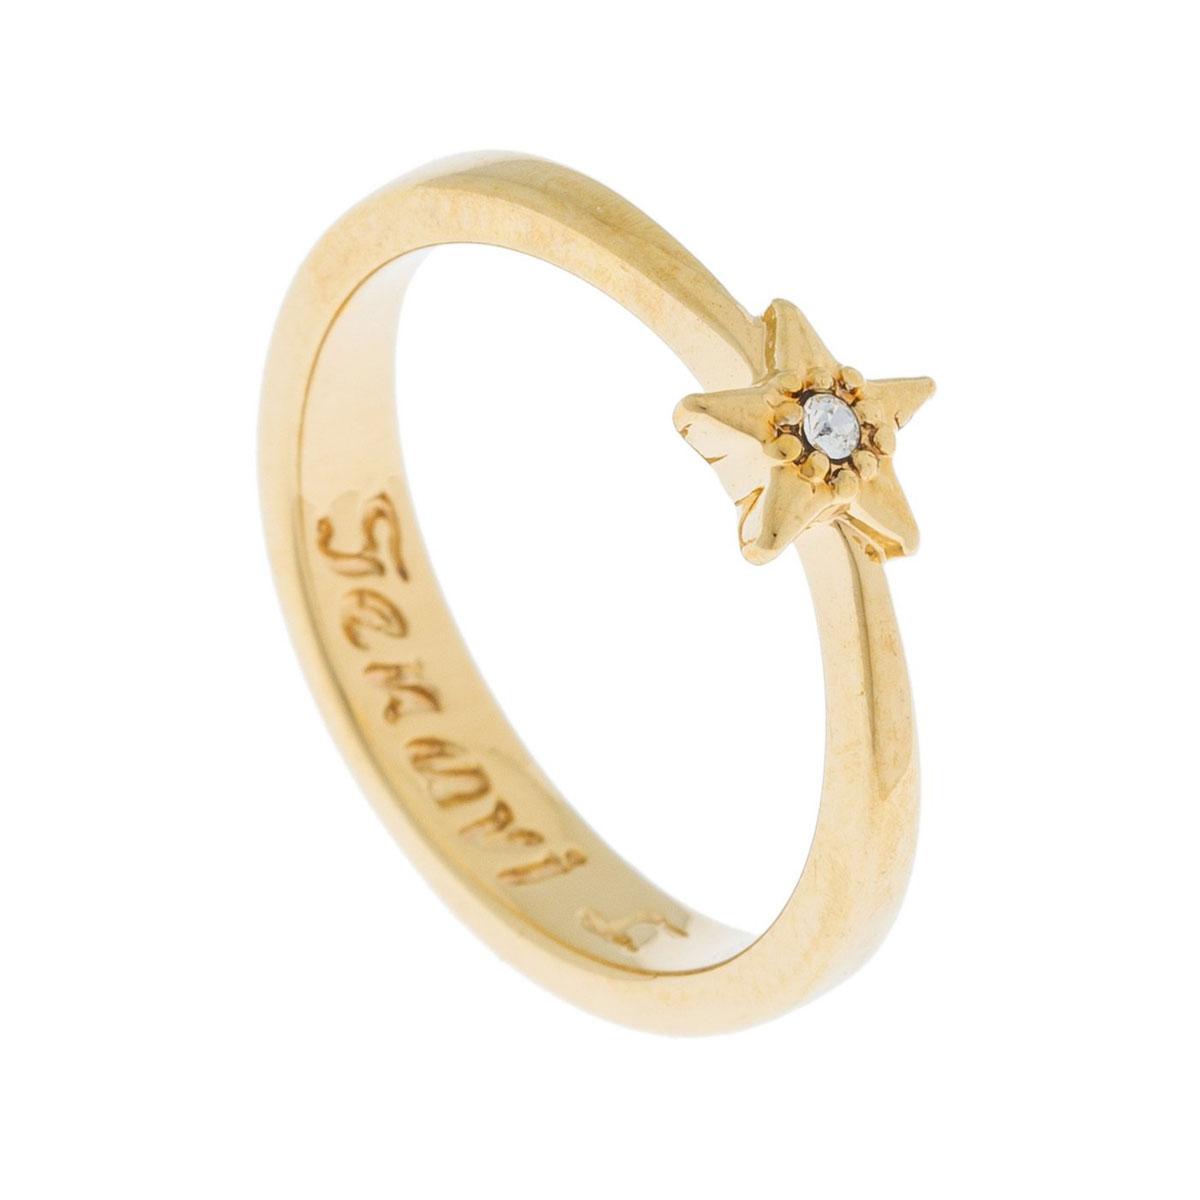 Кольцо Jenavi Энта, цвет: золотой, белый. k500p000. Размер 16k500p000Коллекция Э, Энта (Кольцо) гипоаллергенный ювелирный сплав,Позолота, вставка Кристаллы Swarovski